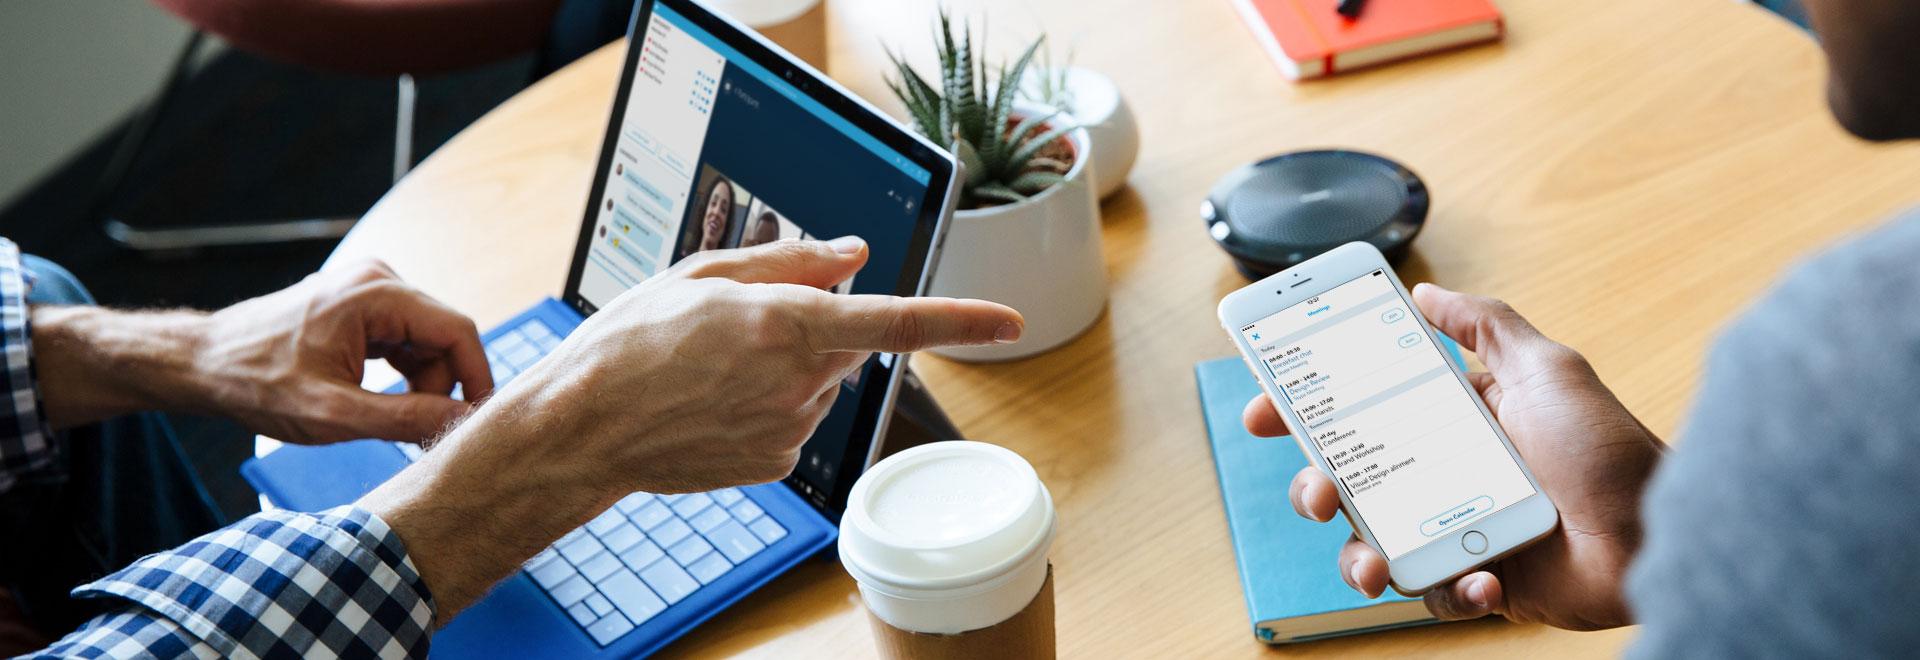 桌邊有兩個人,一個拿著電話,一個正在透過膝上型電腦使用商務用 Skype